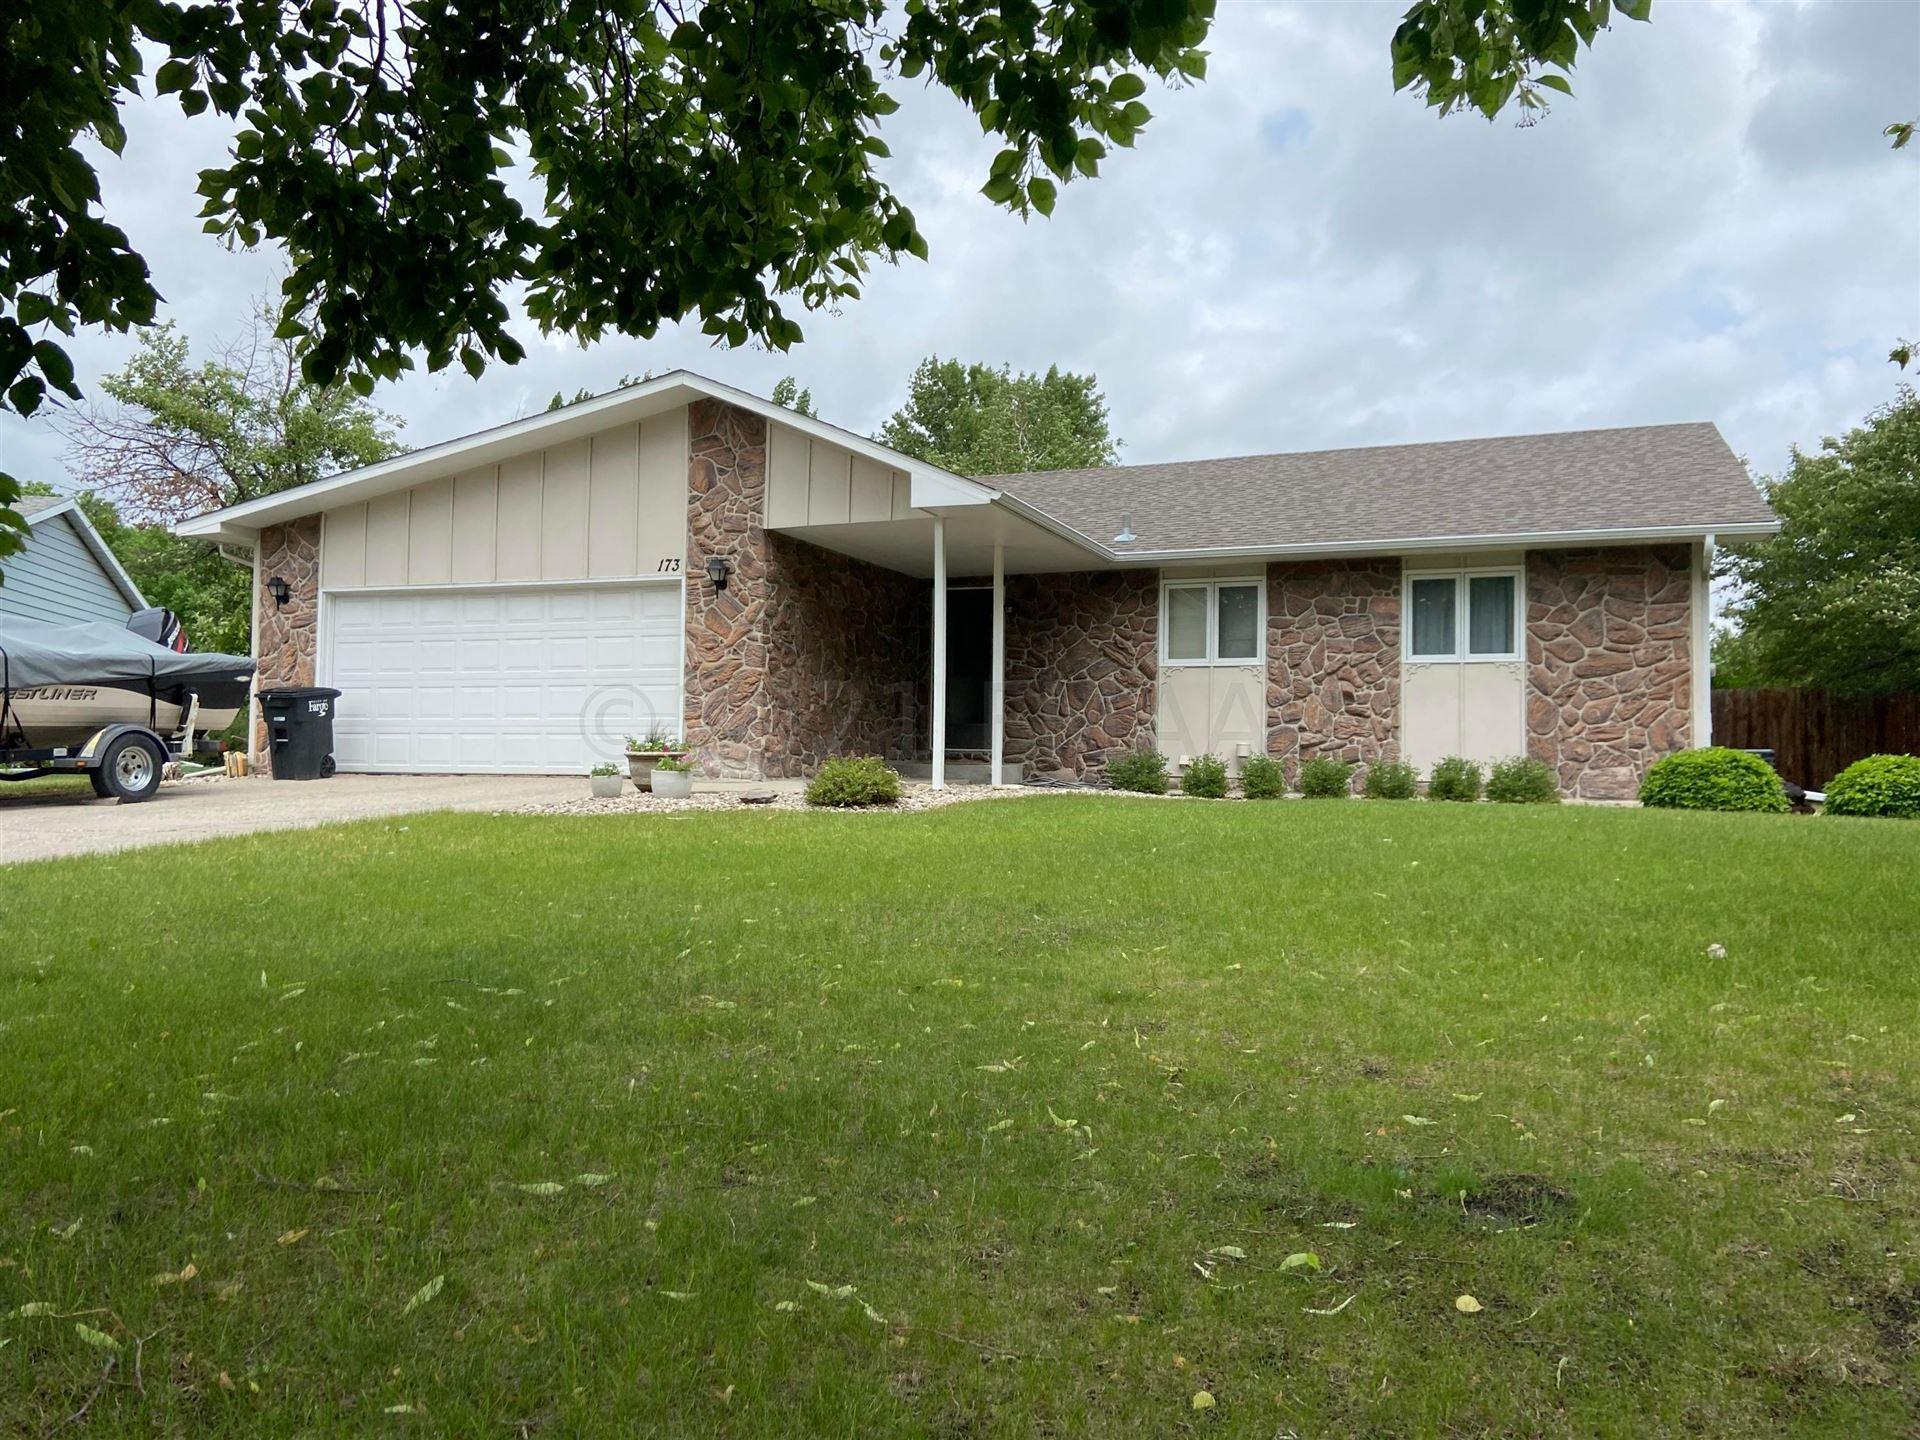 173 PRAIRIEWOOD Drive S, Fargo, ND 58103 - #: 21-3232